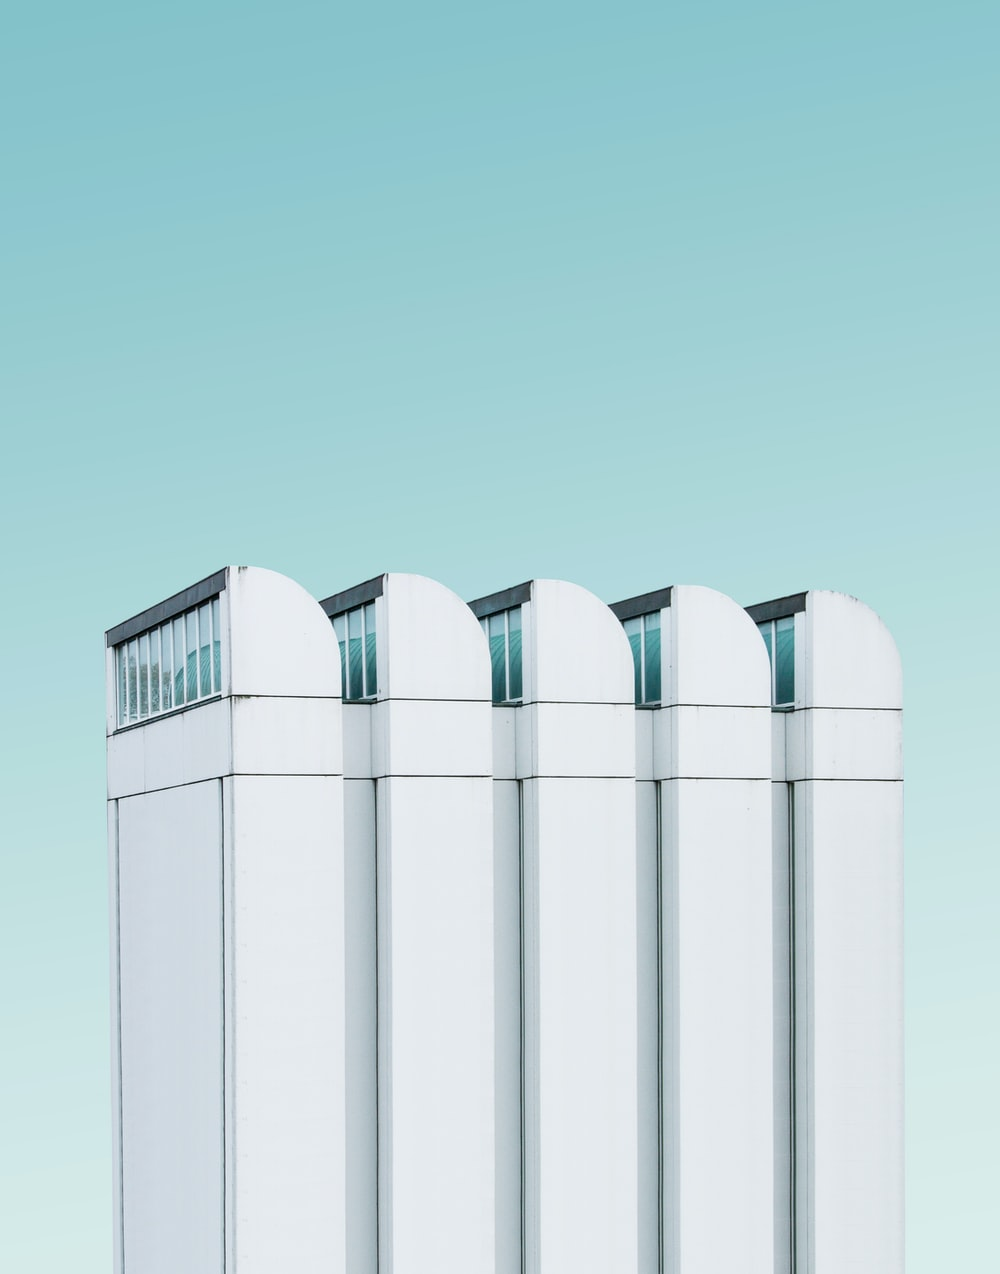 white industrial machine